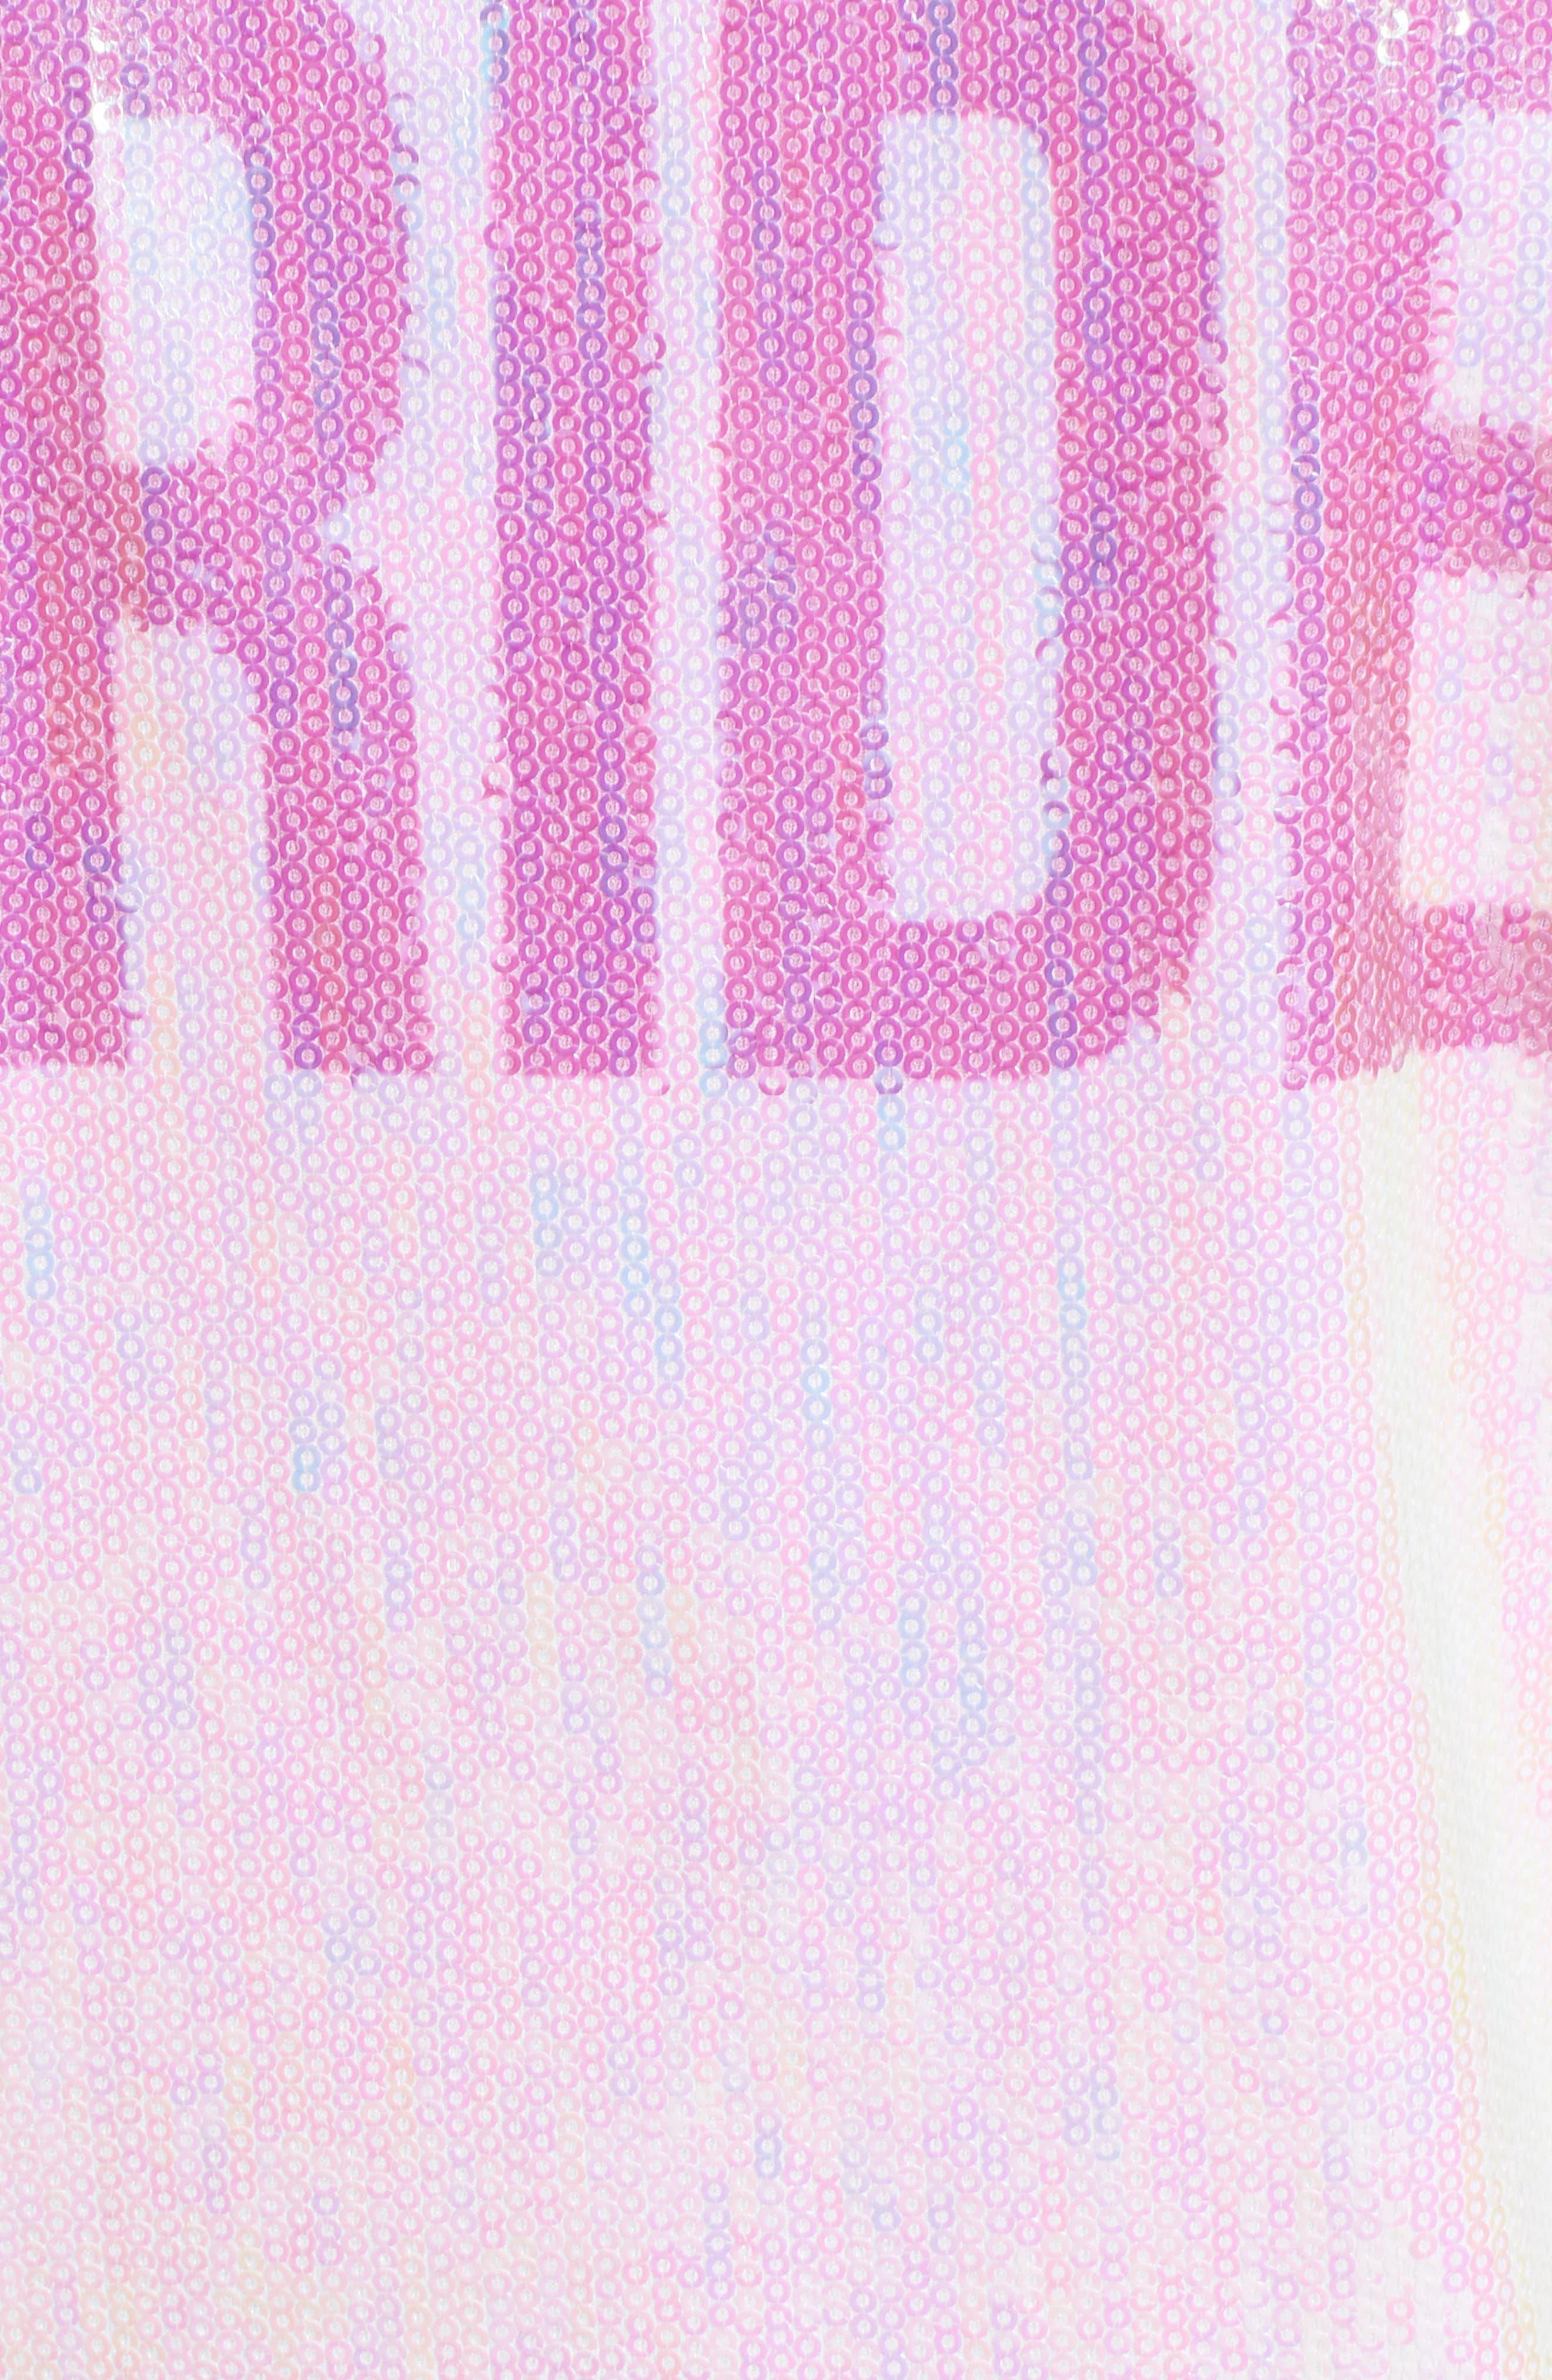 Sparkle Bride Bomber Jacket,                             Alternate thumbnail 5, color,                             Sparkle Bride